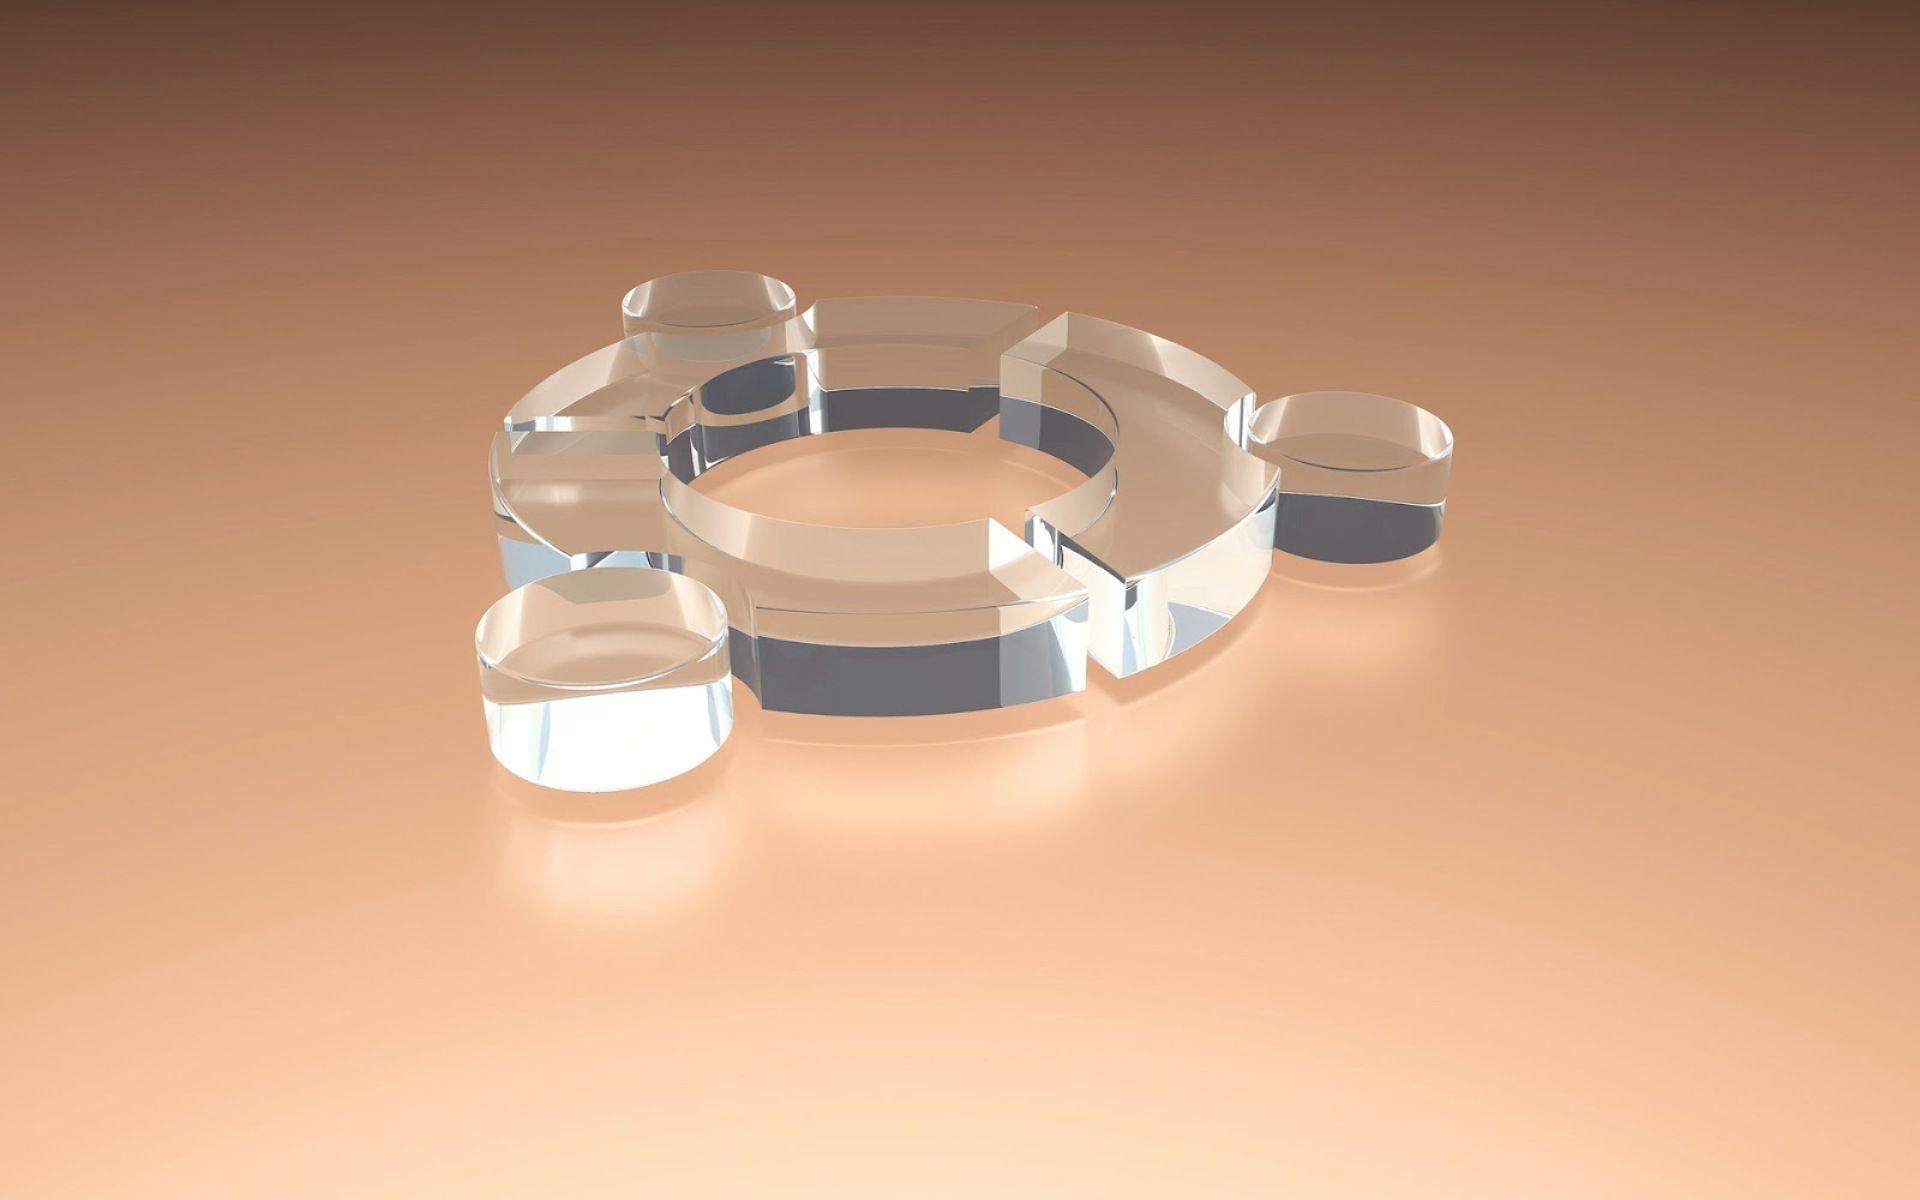 3d Glass Object Full Hd Wallpaper Full Hd Wallpaper Glass Objects Hd Wallpaper 3d glass hd wallpapers